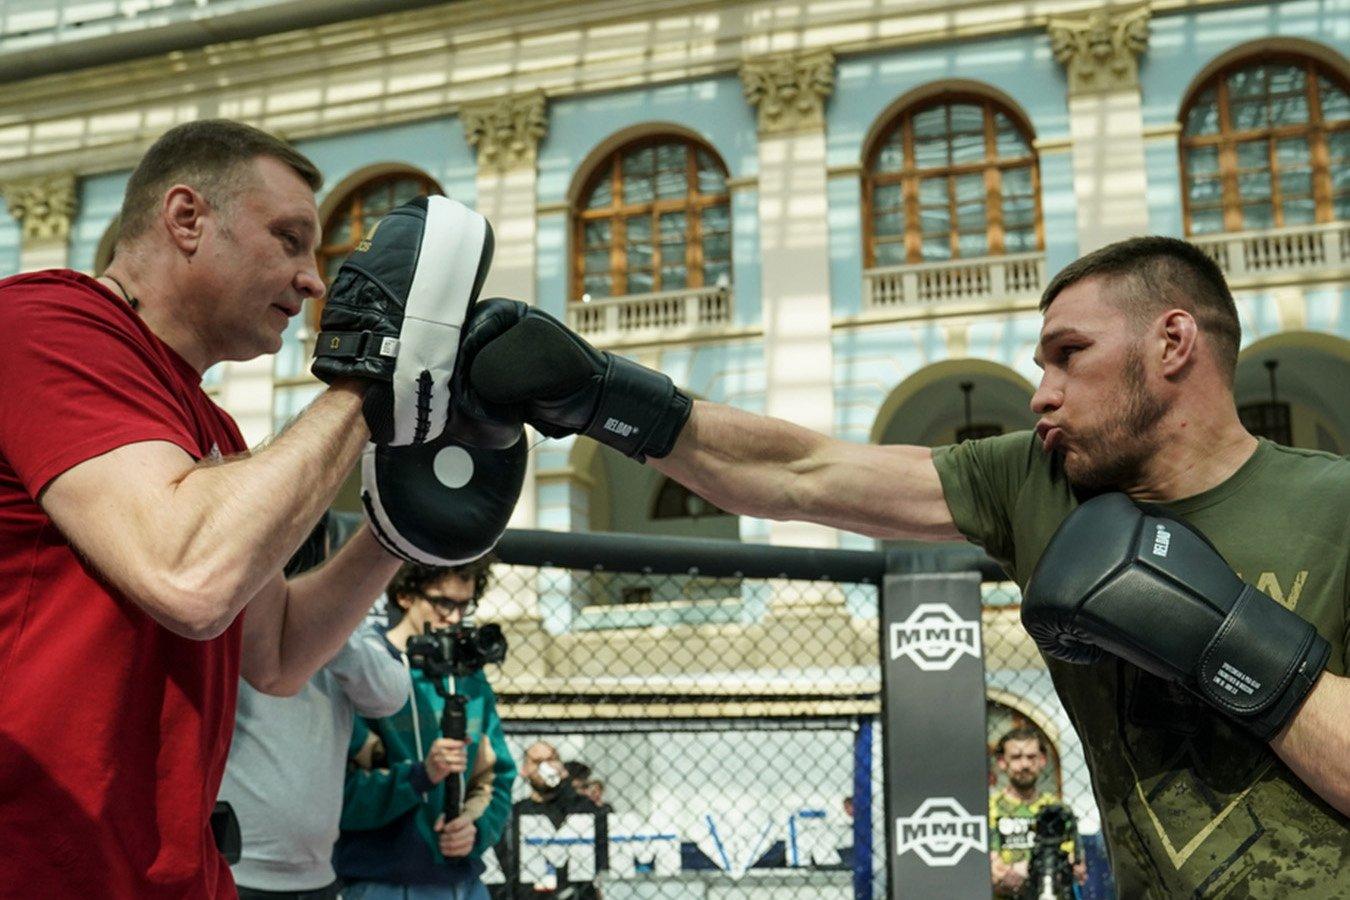 Немков провёл поединок по «интерактивному ММА» с боксёром Келешем. Яркие фото тренировки